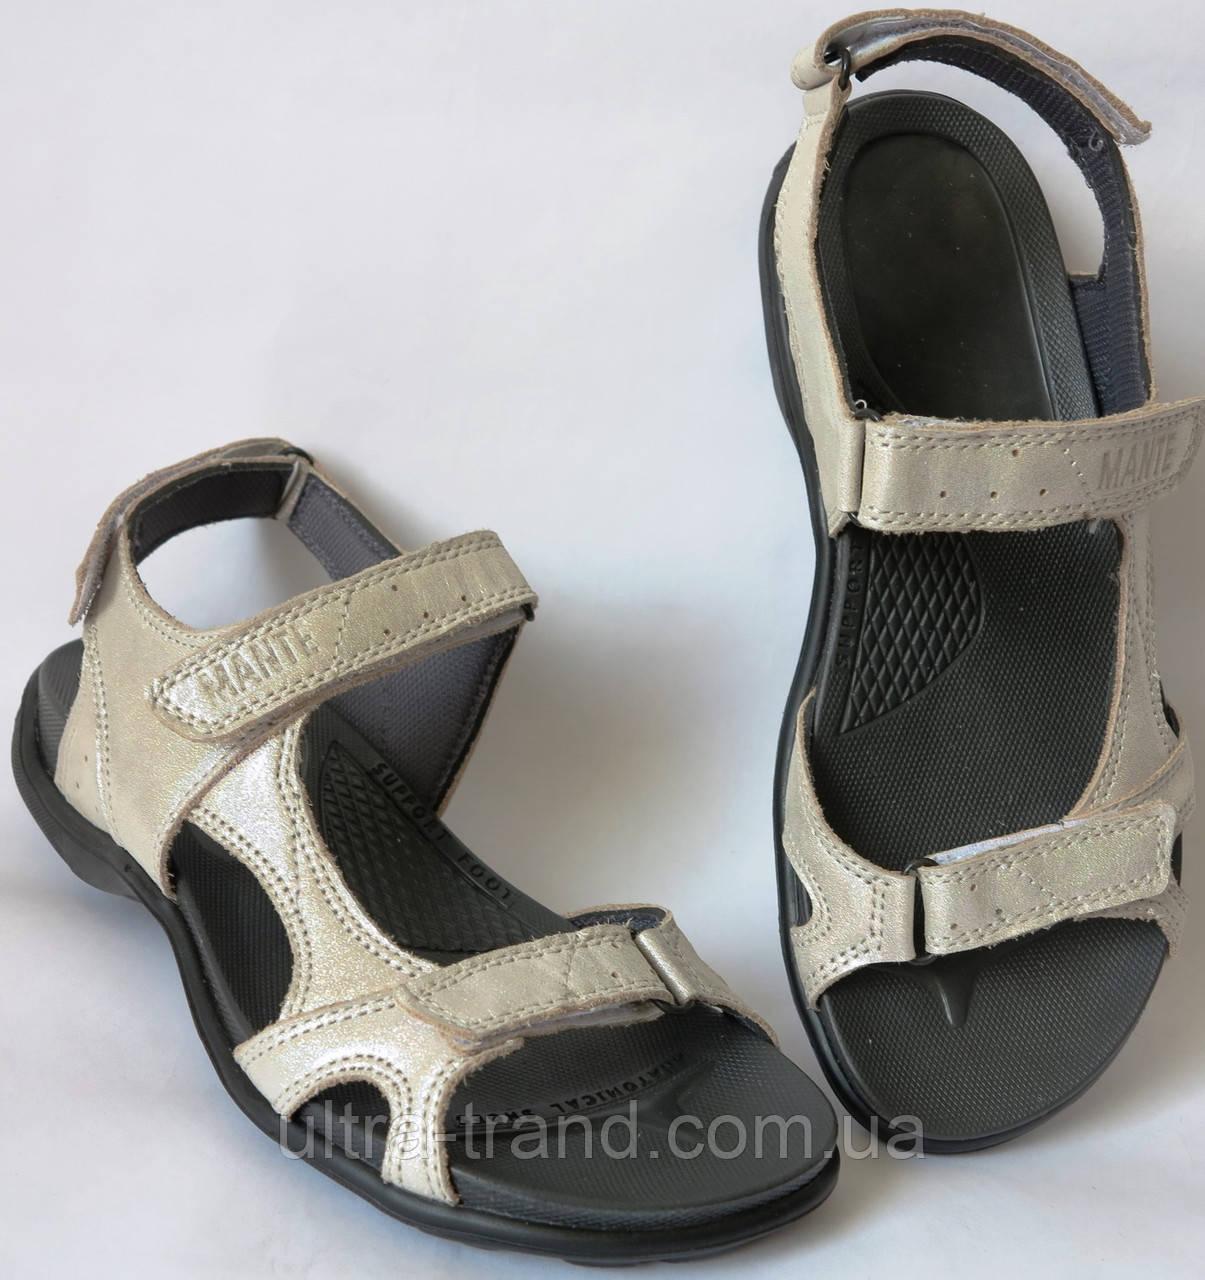 Mante Xbiom класс! Женские сандалии летние из натуральной кожи босоножки бежевая пудра